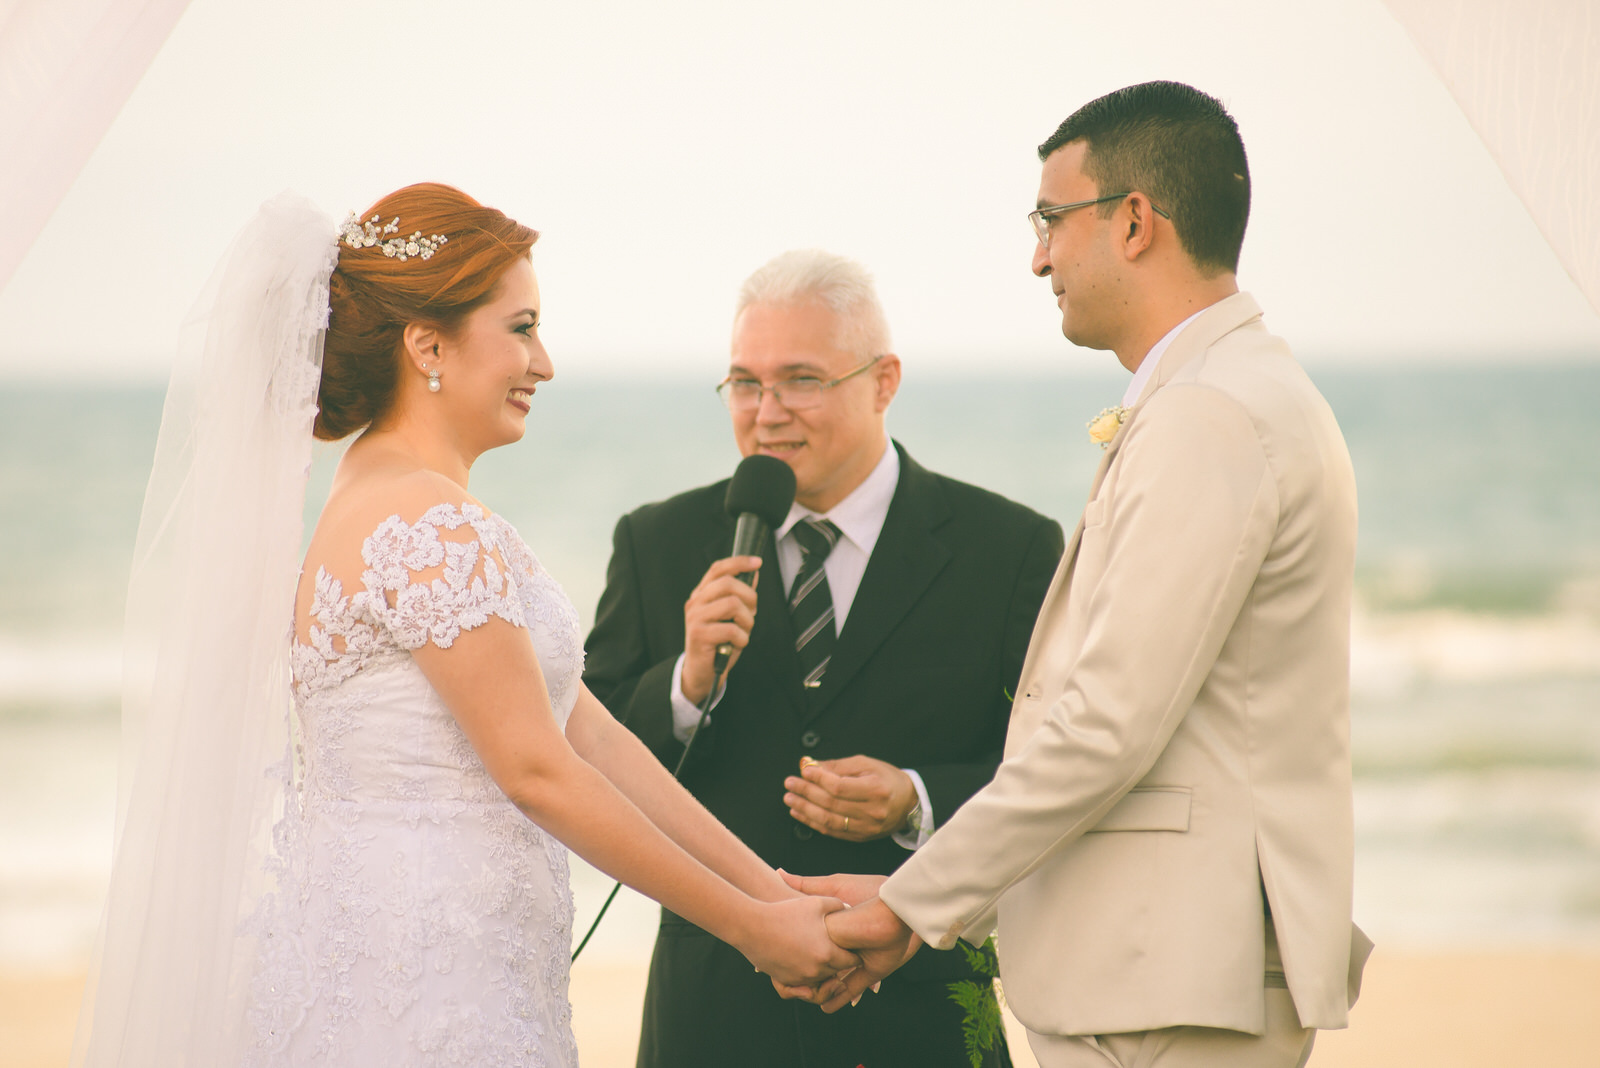 casamento-em-barraca-solarium-praia-do-futuro-21